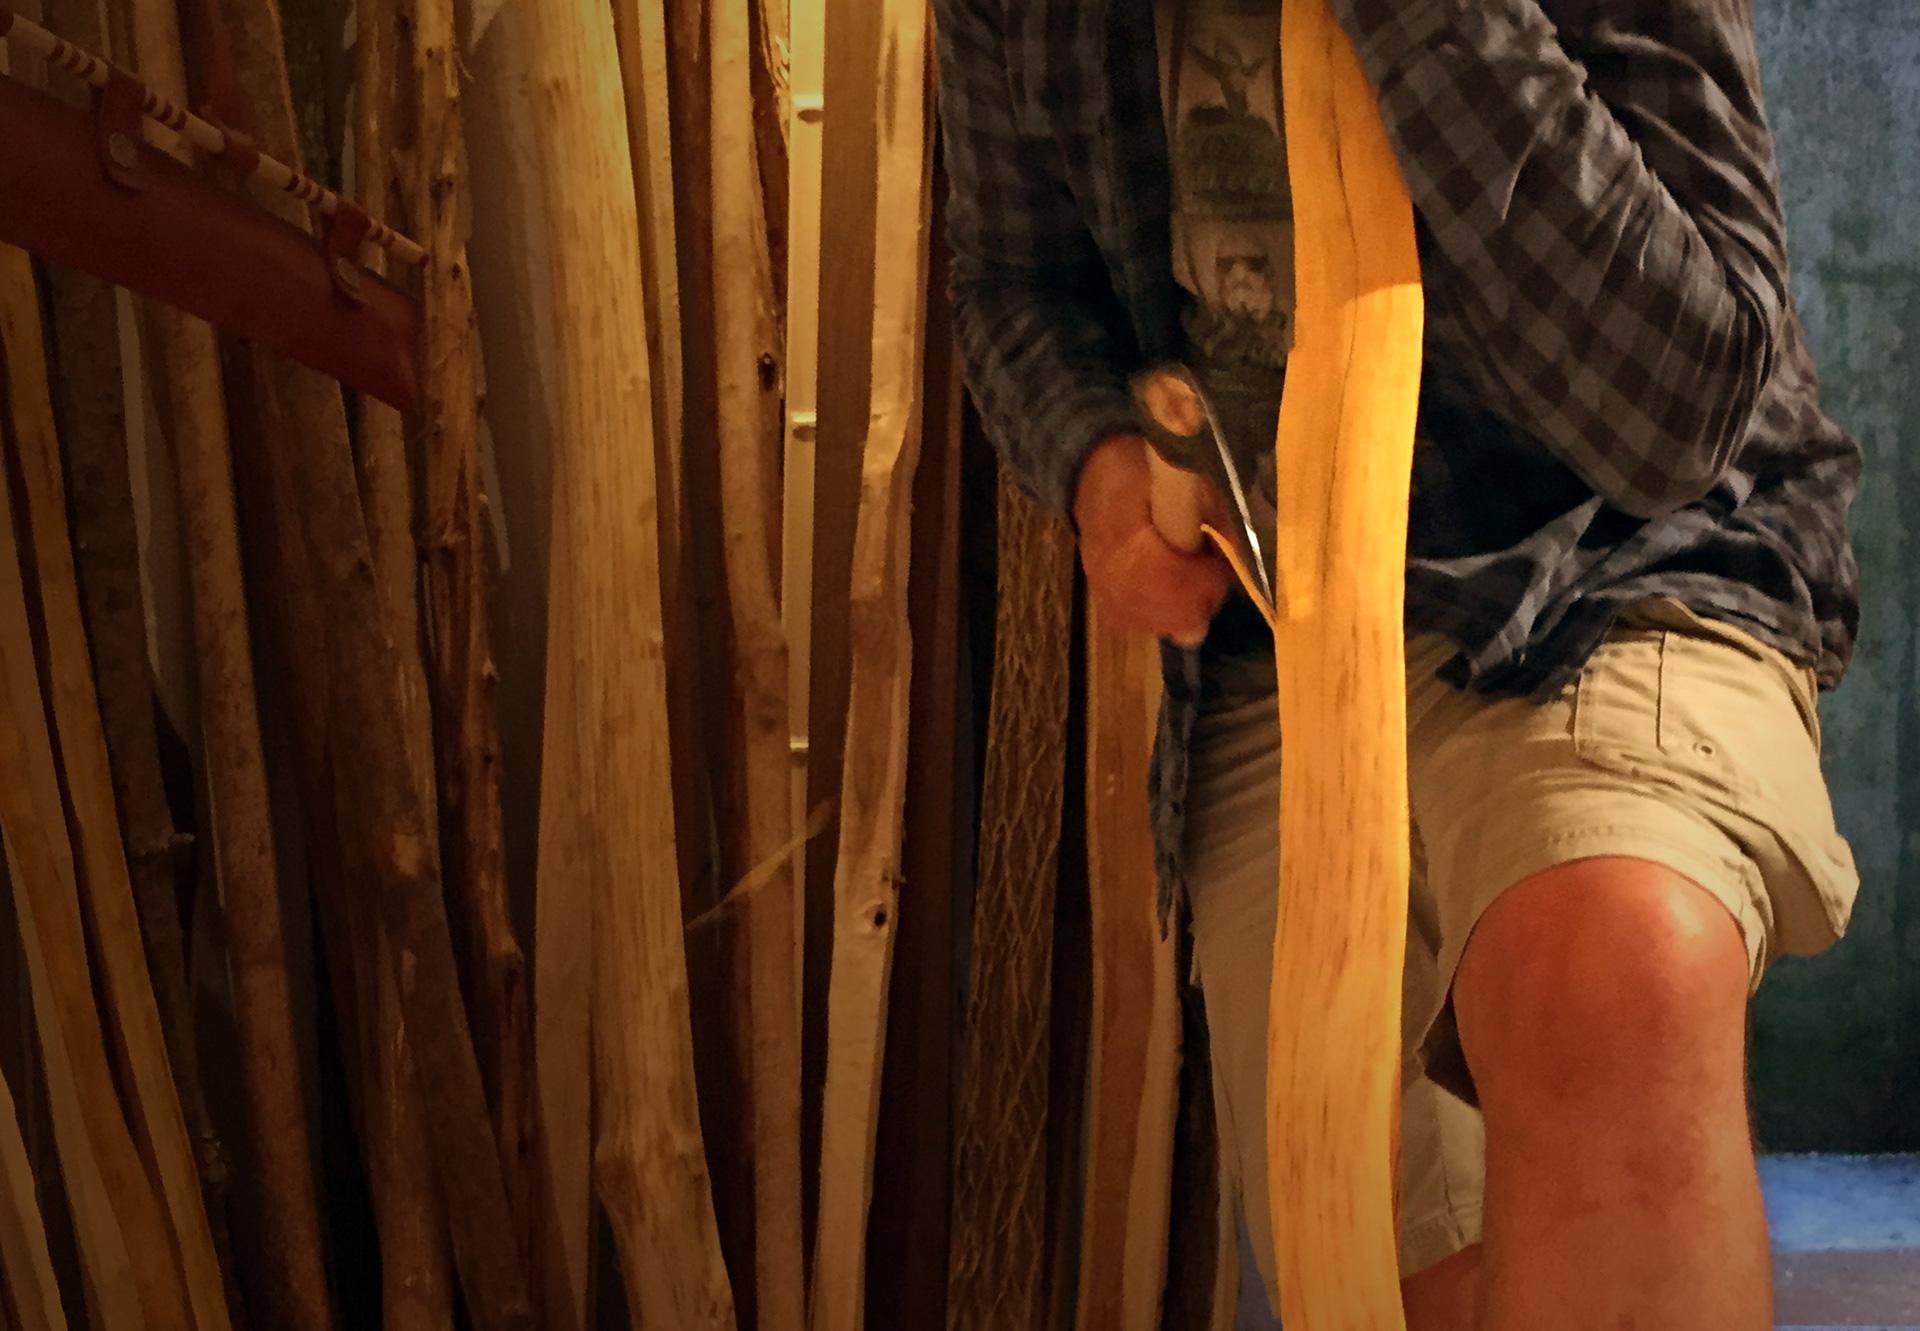 Ziehklinge, Ziehmesser, BOWFIRE, bowfire, Meisterbogen, regelmäßiger Workshop, Intensivbogen, Bogenbauen an zwei Tagen, Kurs, Workshop, Schnupperbogen, Kinderbogenworkshop, Kinderbogenbaukurs, Bogen bauen, Pfeile kaufen, Pfeile bestellen, traditionelle Pfeile kaufen, Holzpfeile kaufen, Bogen bauen, Bowfire, Bogenreisen, meditatives Bogenschießen, einsgerichtetes Bogenschießen, traditionelles Bogenschießen, intuitives Bogenschießen, traditioneller Bogenbau, Bogenbau, traditionelles Bogenschiessen, Schleswig Holstein, Plön, Rendsburg, Eckernförde, Kiel, Stave, Bogenrohlinge, Bogenbaukurse, Kurse, Workshops, Zubehör, Pfeile, Federn, Köcher, Messer, Sehne, Sehnenumwicklung, Leder, Nockpunkt, Primitivbogen, Nocken, Tips, Recurve, Syahs, Eibe, Osage Orange, Hasel, Manau, Rattan, Esche, Hickory, Bambus, Eberesche, Weißdorn, Backing, Sehnenbacking, Bogenworkshop, in zwei Tagen, Zubehörworkshop, Zielscheiben aus Ethafoam, Bogensport, Fachhandel, Bogenfestival, bogenguide, Parcours, Deutschlands Parcours, Abendkurs, Abendworkshop, ethafoam, Ziele, Dart, Trainerstunde Bogenschießen, Bogenhülle, Einführung ins Bogenschießen, Armschutz, Armschoner, Lochzange, Flachdexel, Damast, Messer, geschmiedet, Beil, Köcher,